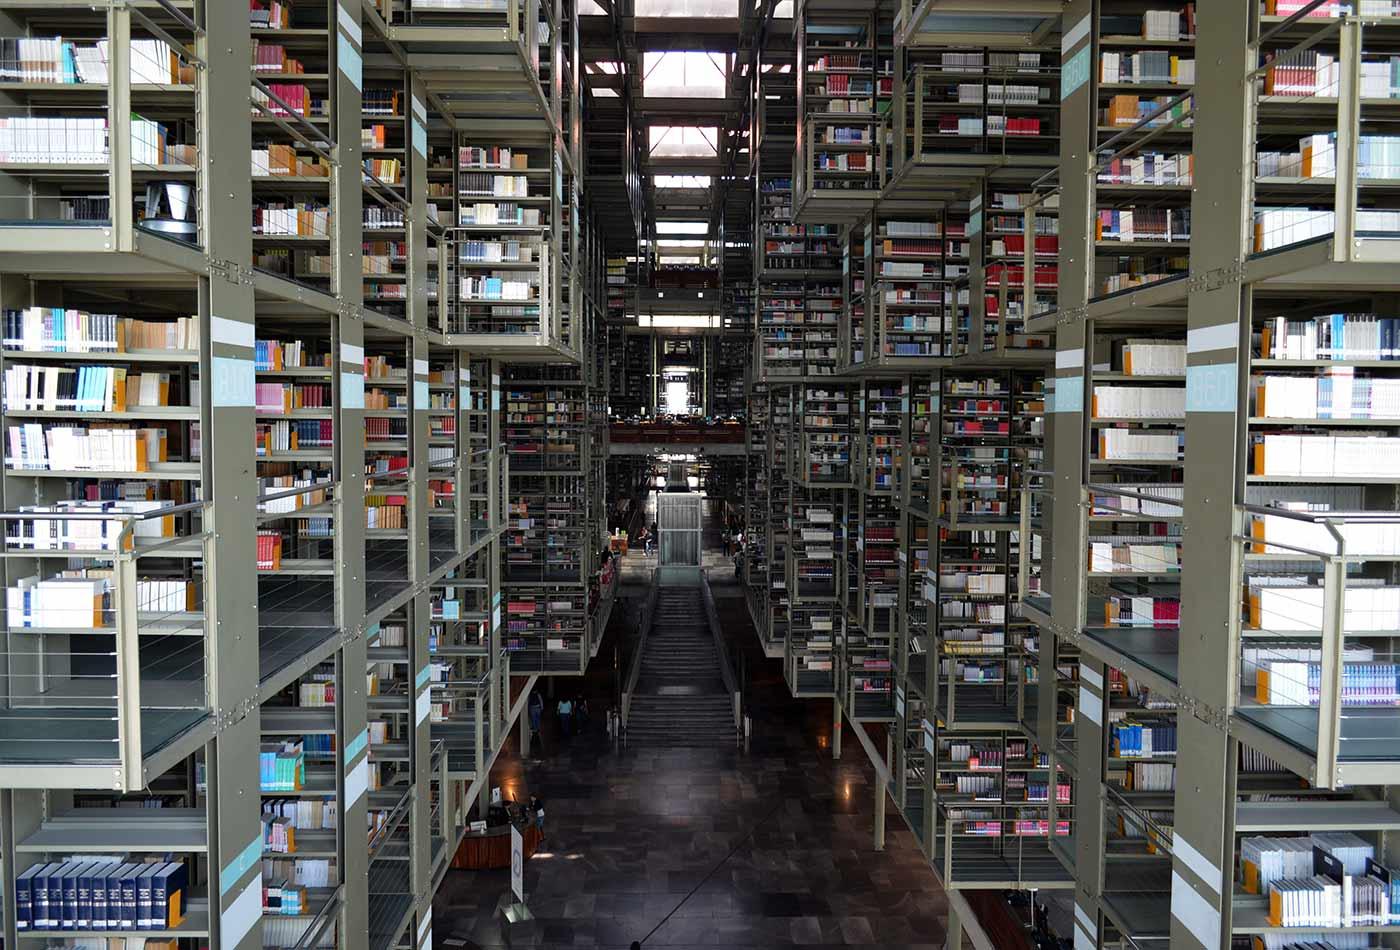 Biblioteca Vasconcelos, anaqueles.